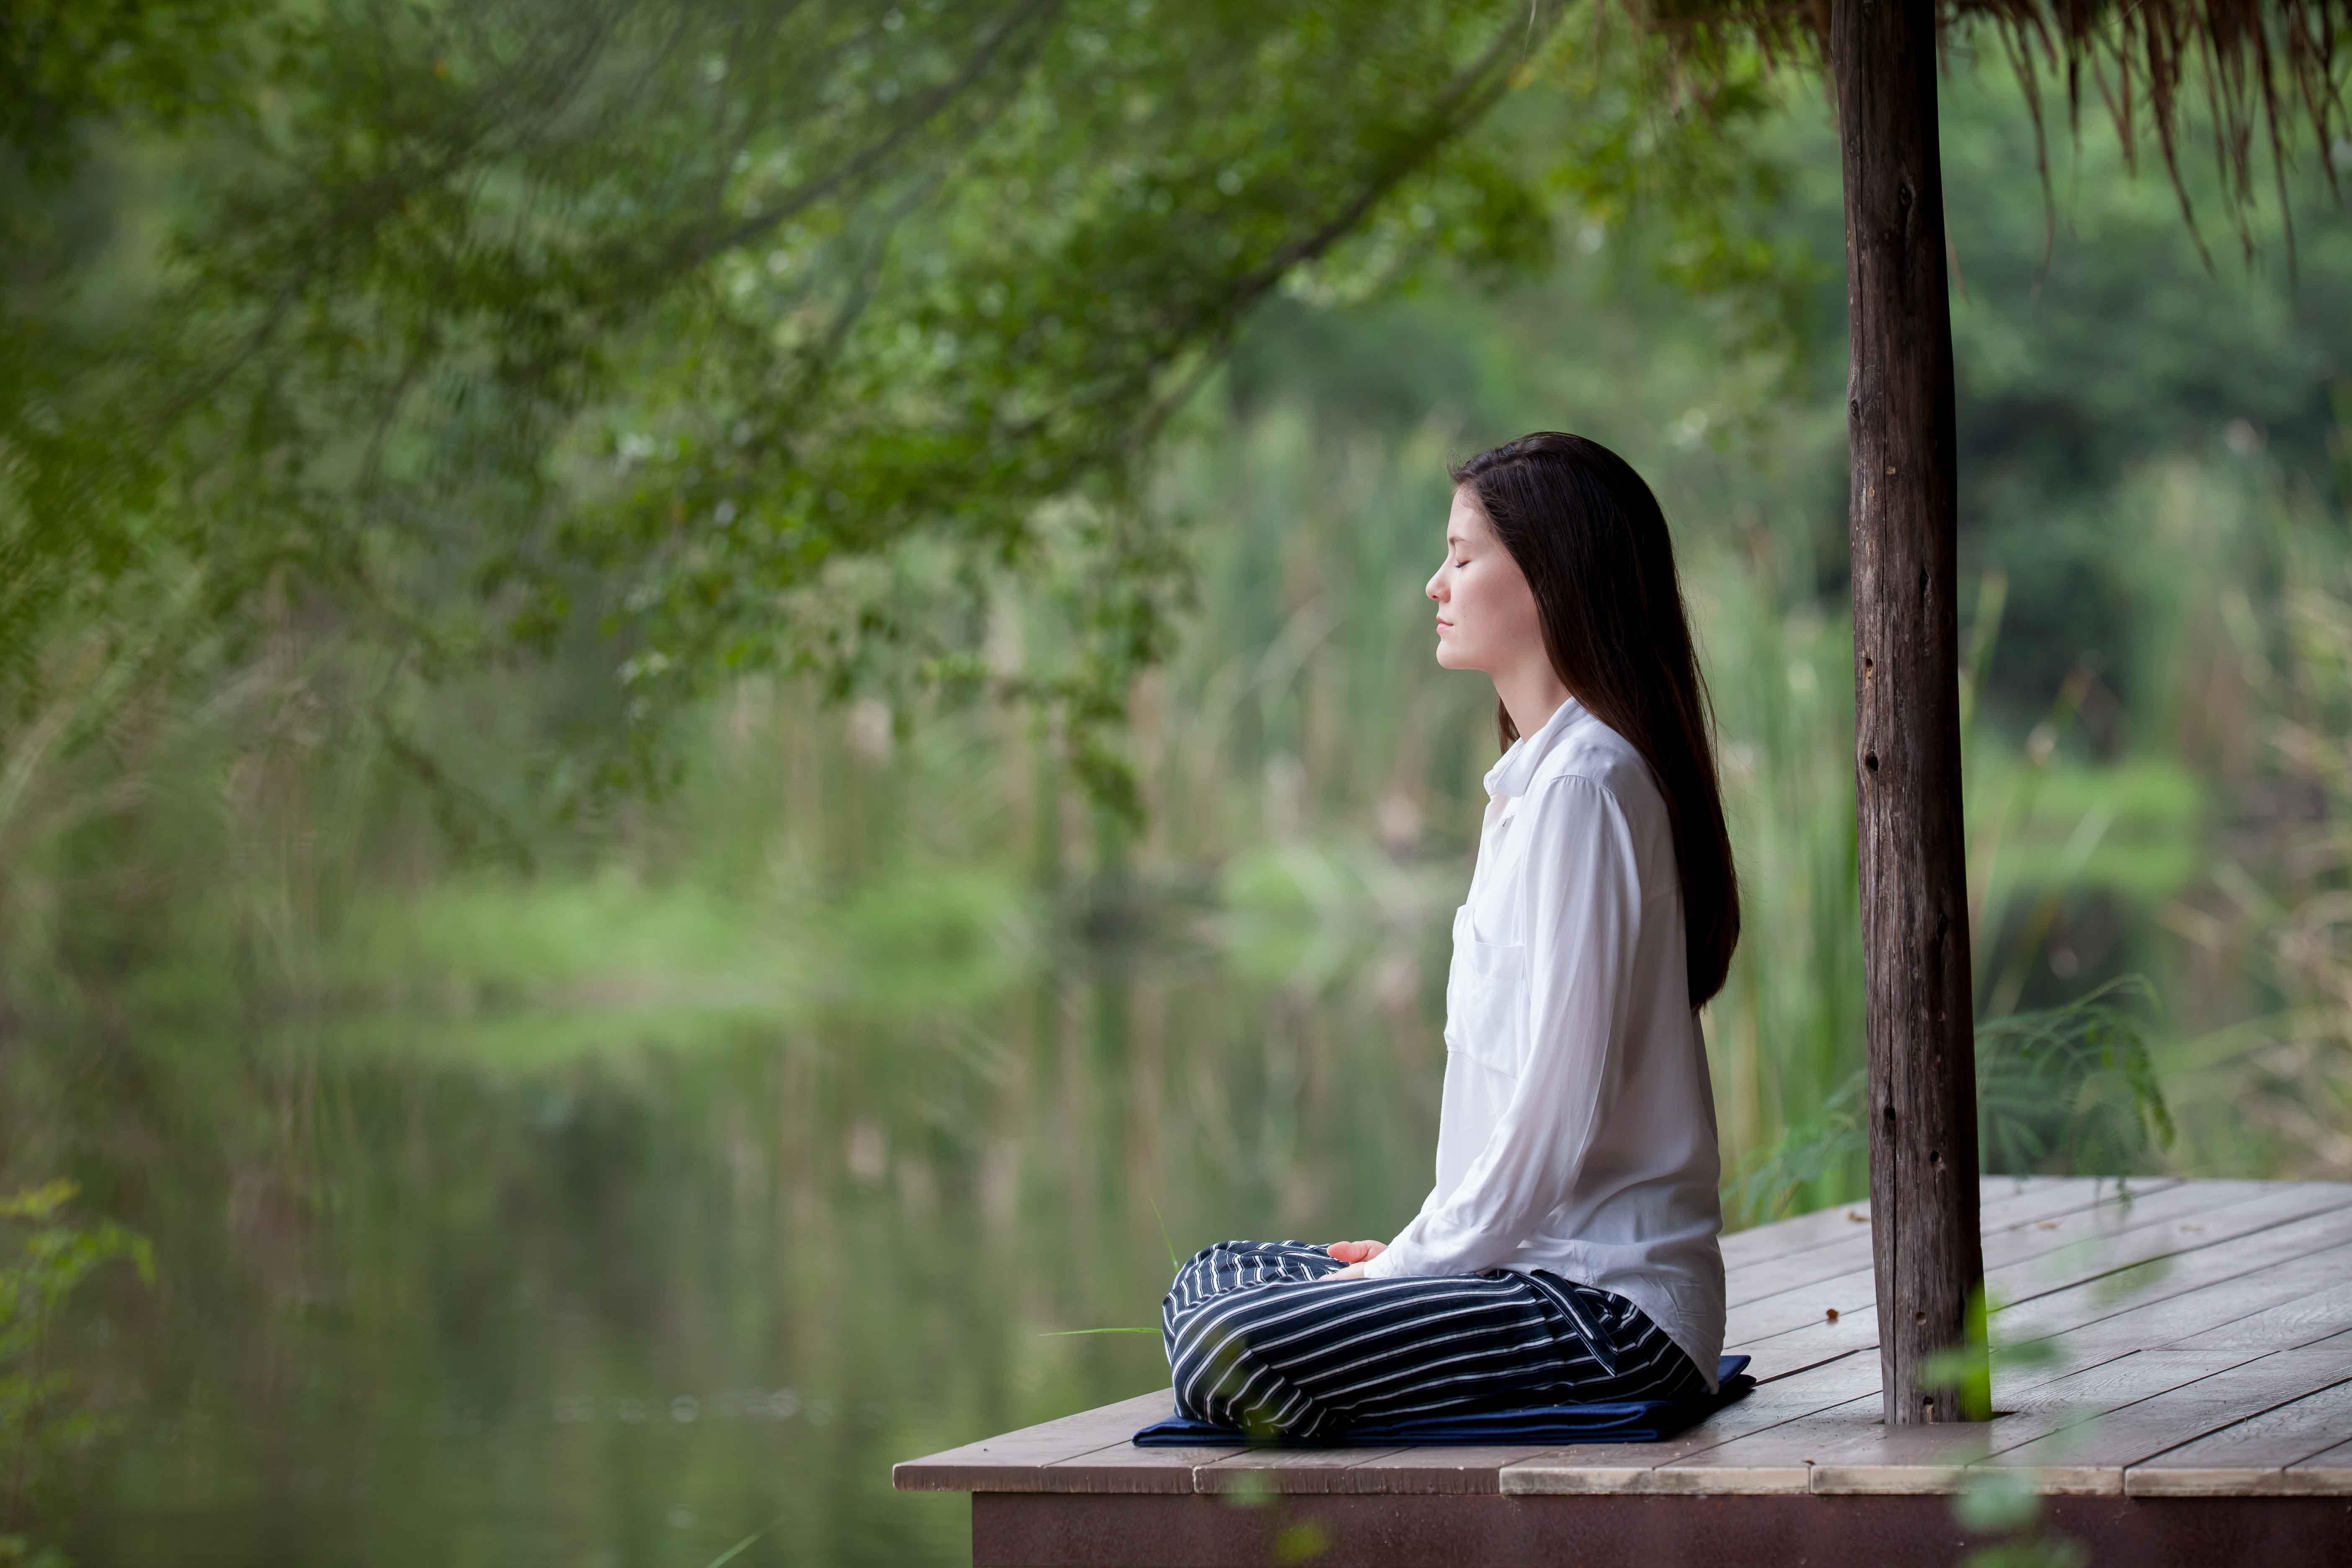 Chica meditando en la naturaleza